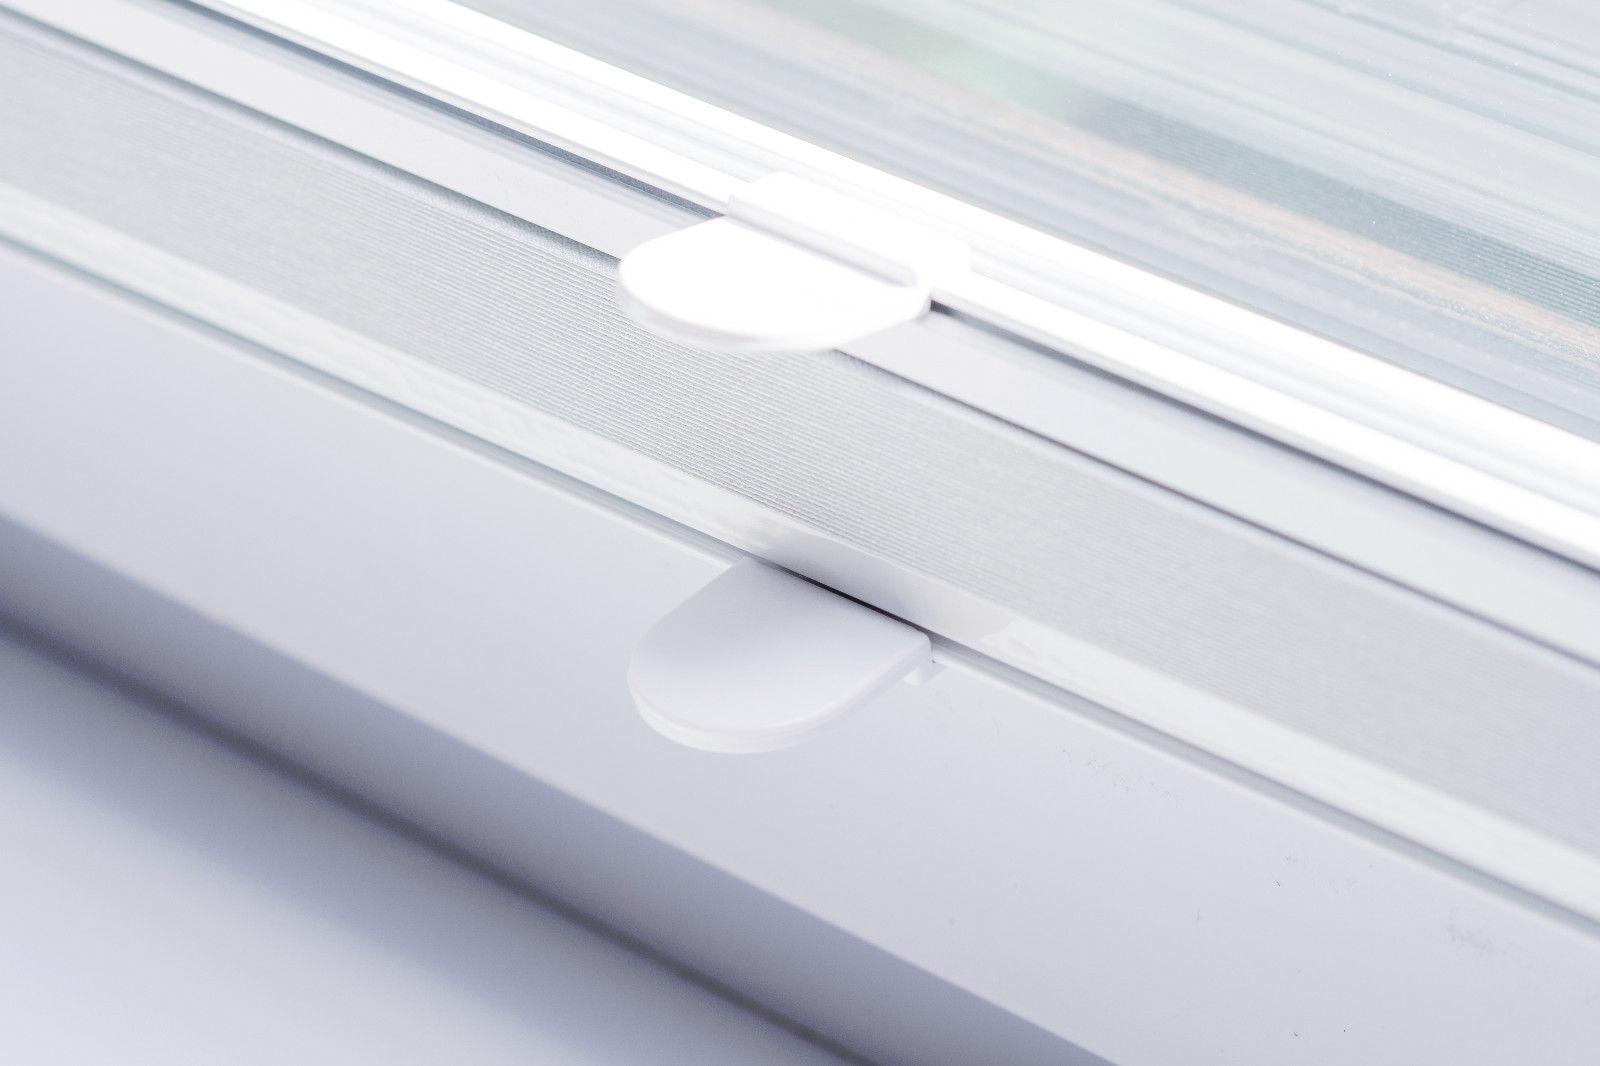 massanfertigung thermo plissee auf ma bis 230 cm l nge weiss taupe beige grau ebay. Black Bedroom Furniture Sets. Home Design Ideas